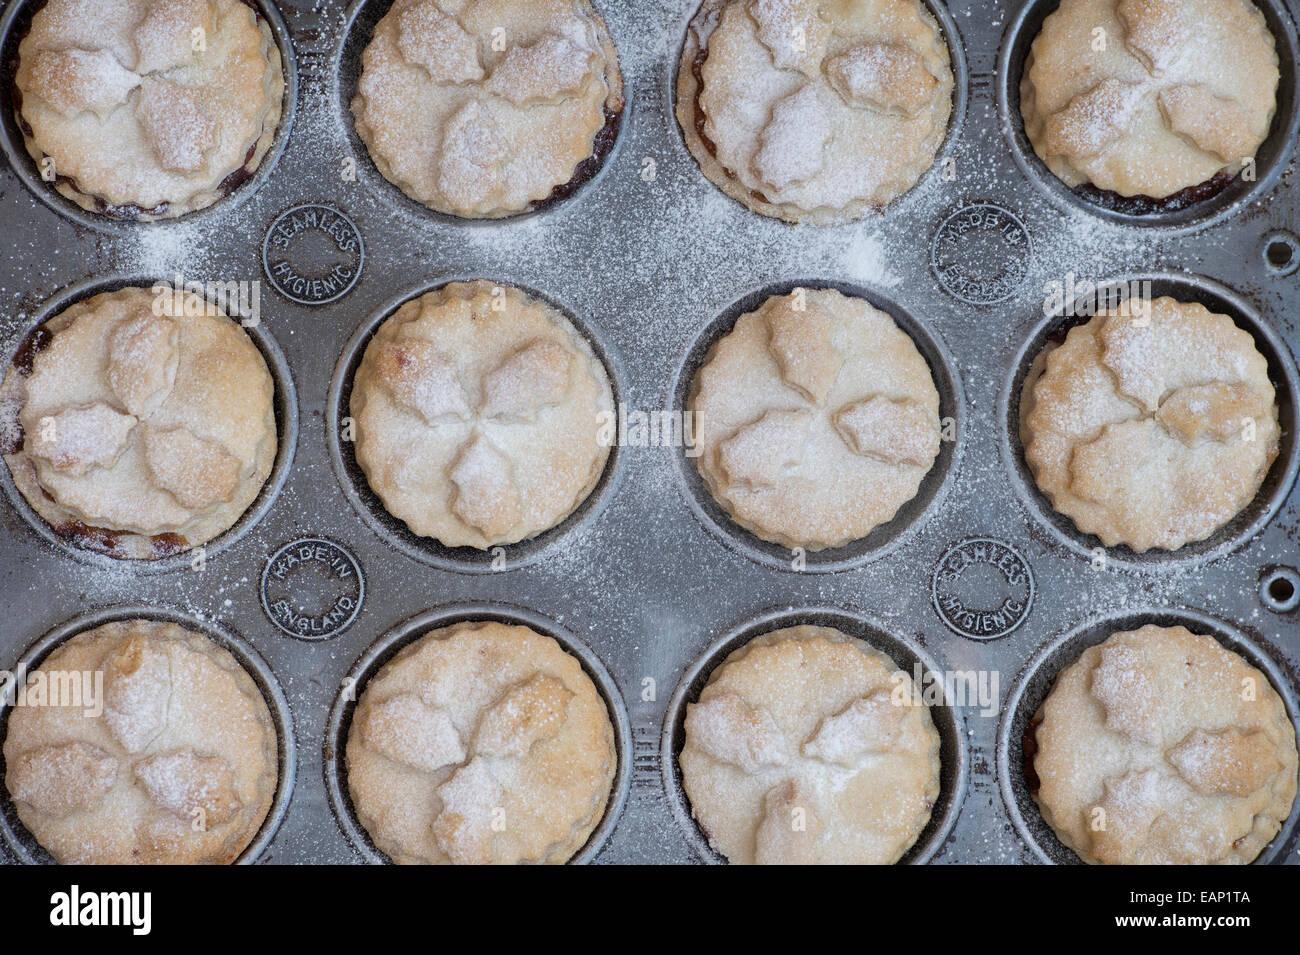 La cuisson des petits pâtés de Noël Photo Stock